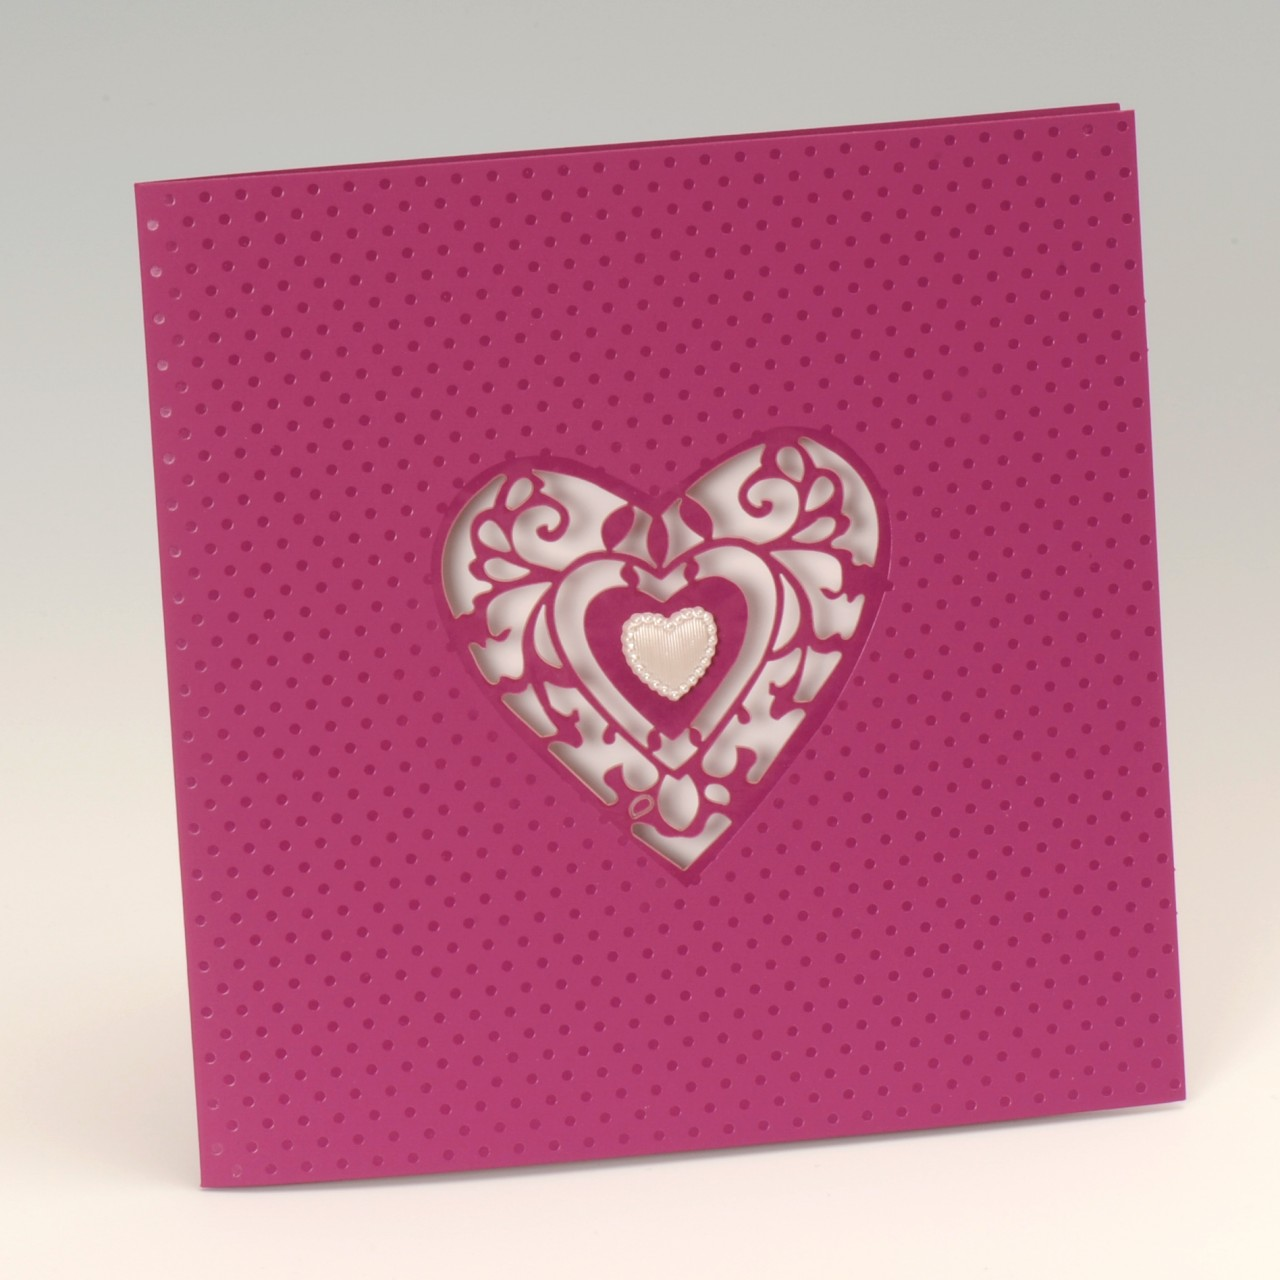 Lilafarbene Einladungskarte mit perlmuttfarbenem Herz